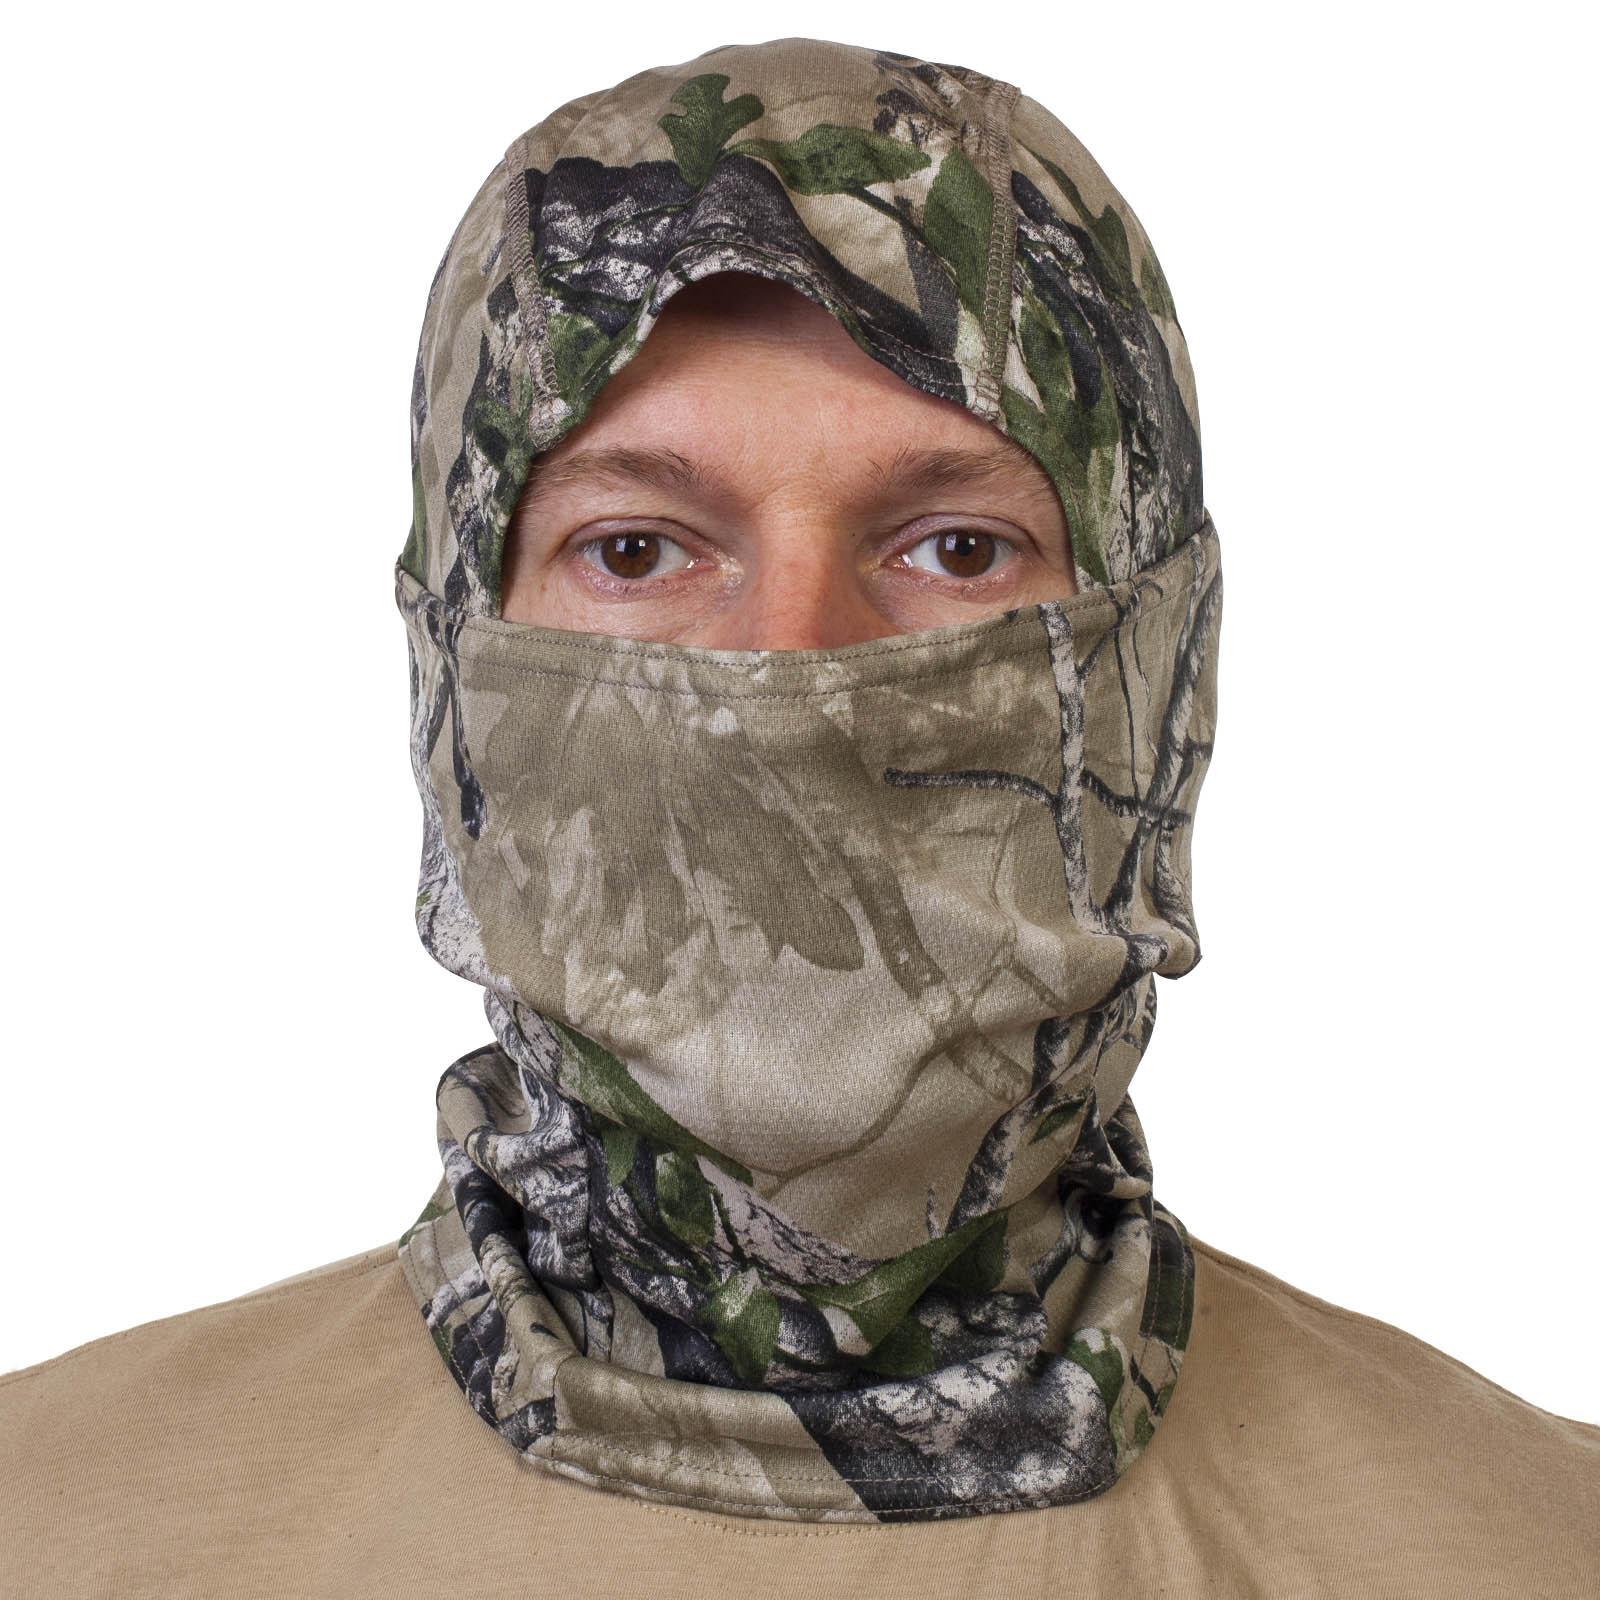 Универсальная маска для лица Realtree Hardwoods Green HD.